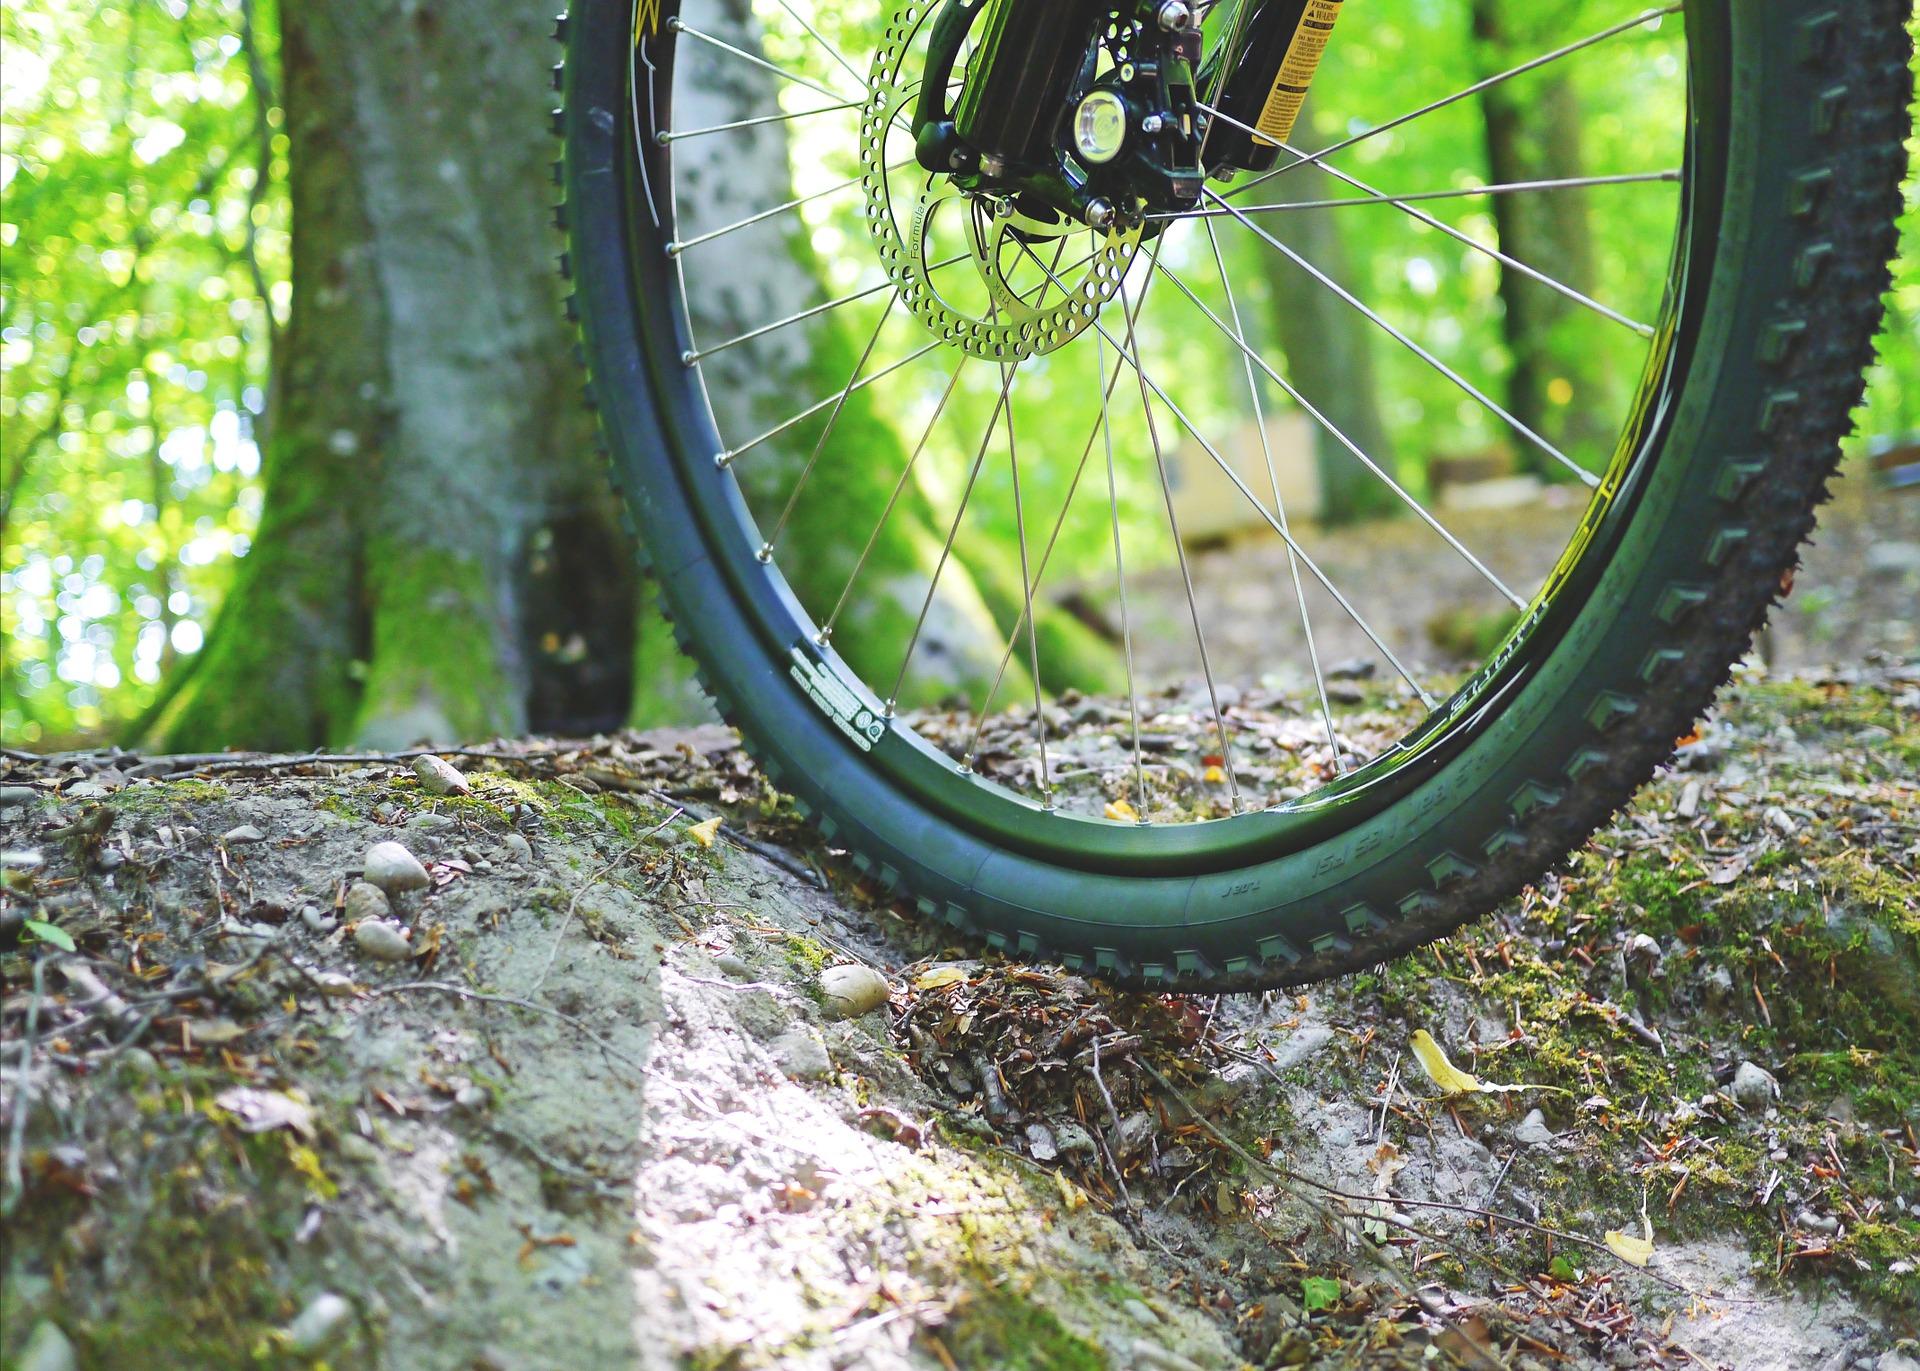 Mountain Bike Closeup, Bicycle, Bike, Closeup, Cycle, HQ Photo